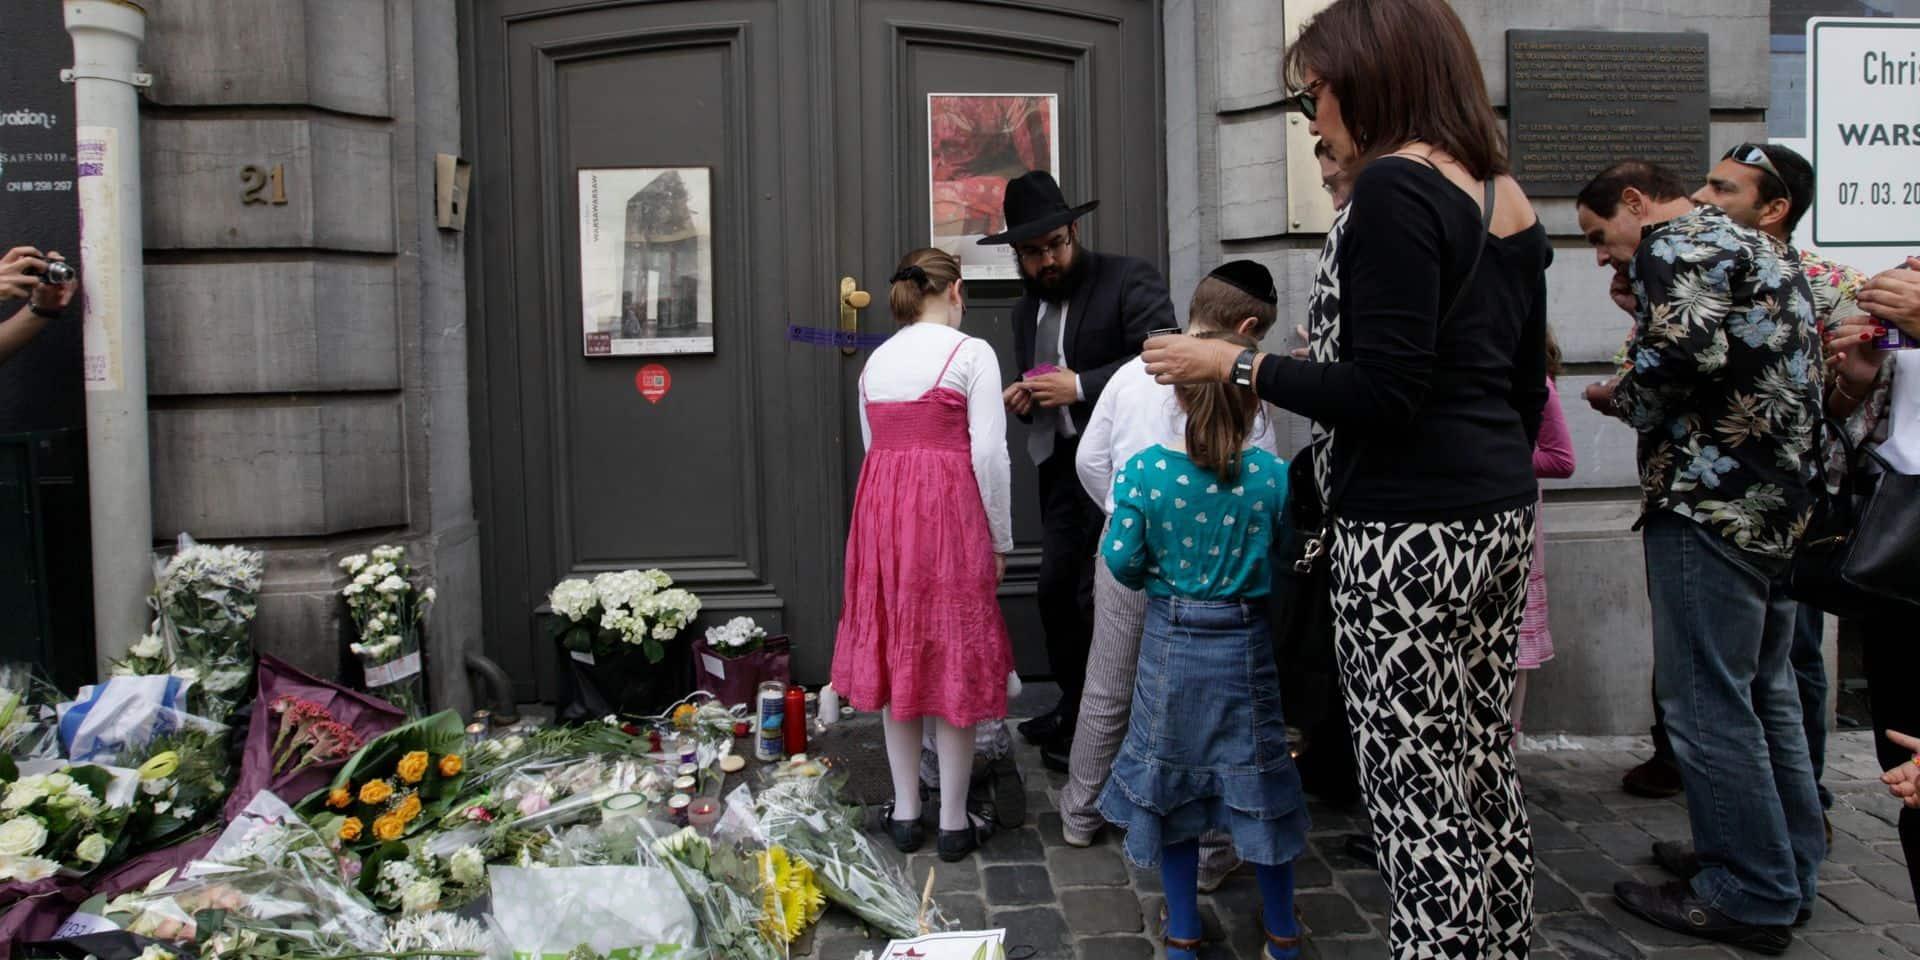 Commémoration du 7e anniversaire de l'attentat au Musée juif de Belgique